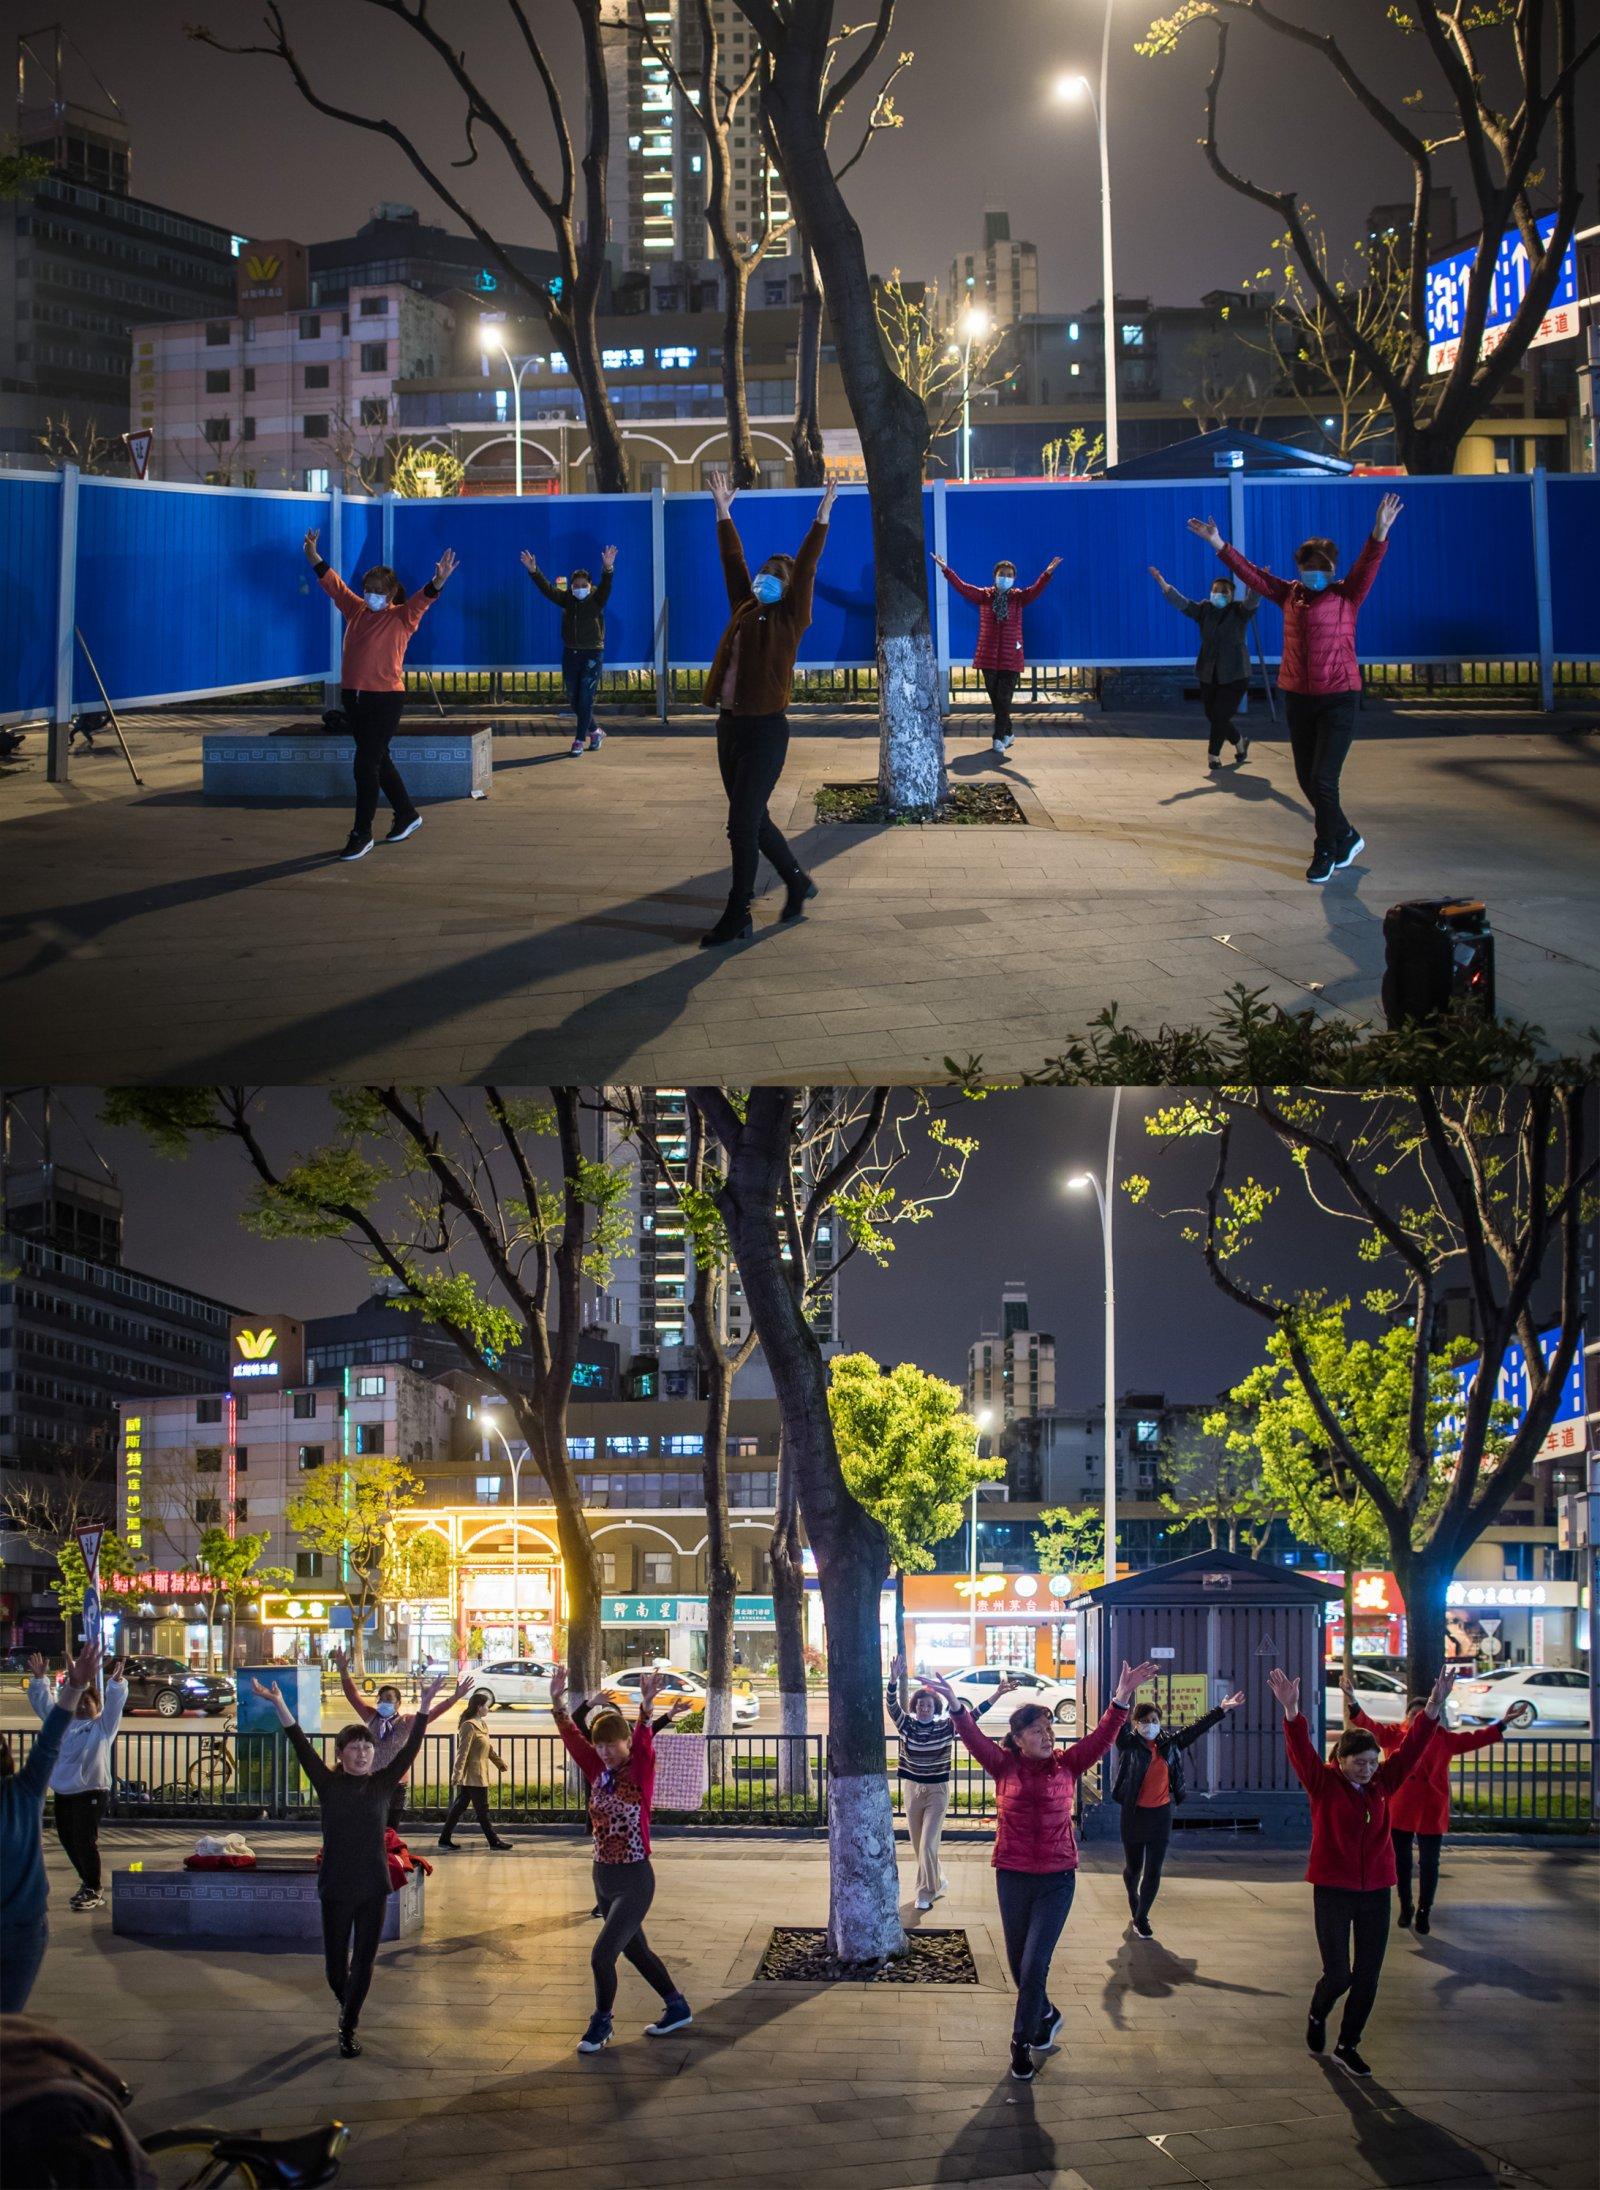 這是一張拼版照片,上圖為:2020年4月2日,在湖北省武漢市江漢區北湖街環保社區,居民在飯後跳廣場舞;下圖為:2021年4月4日,在湖北省武漢市江漢區北湖街環保社區,居民在飯後跳廣場舞。(新華社)